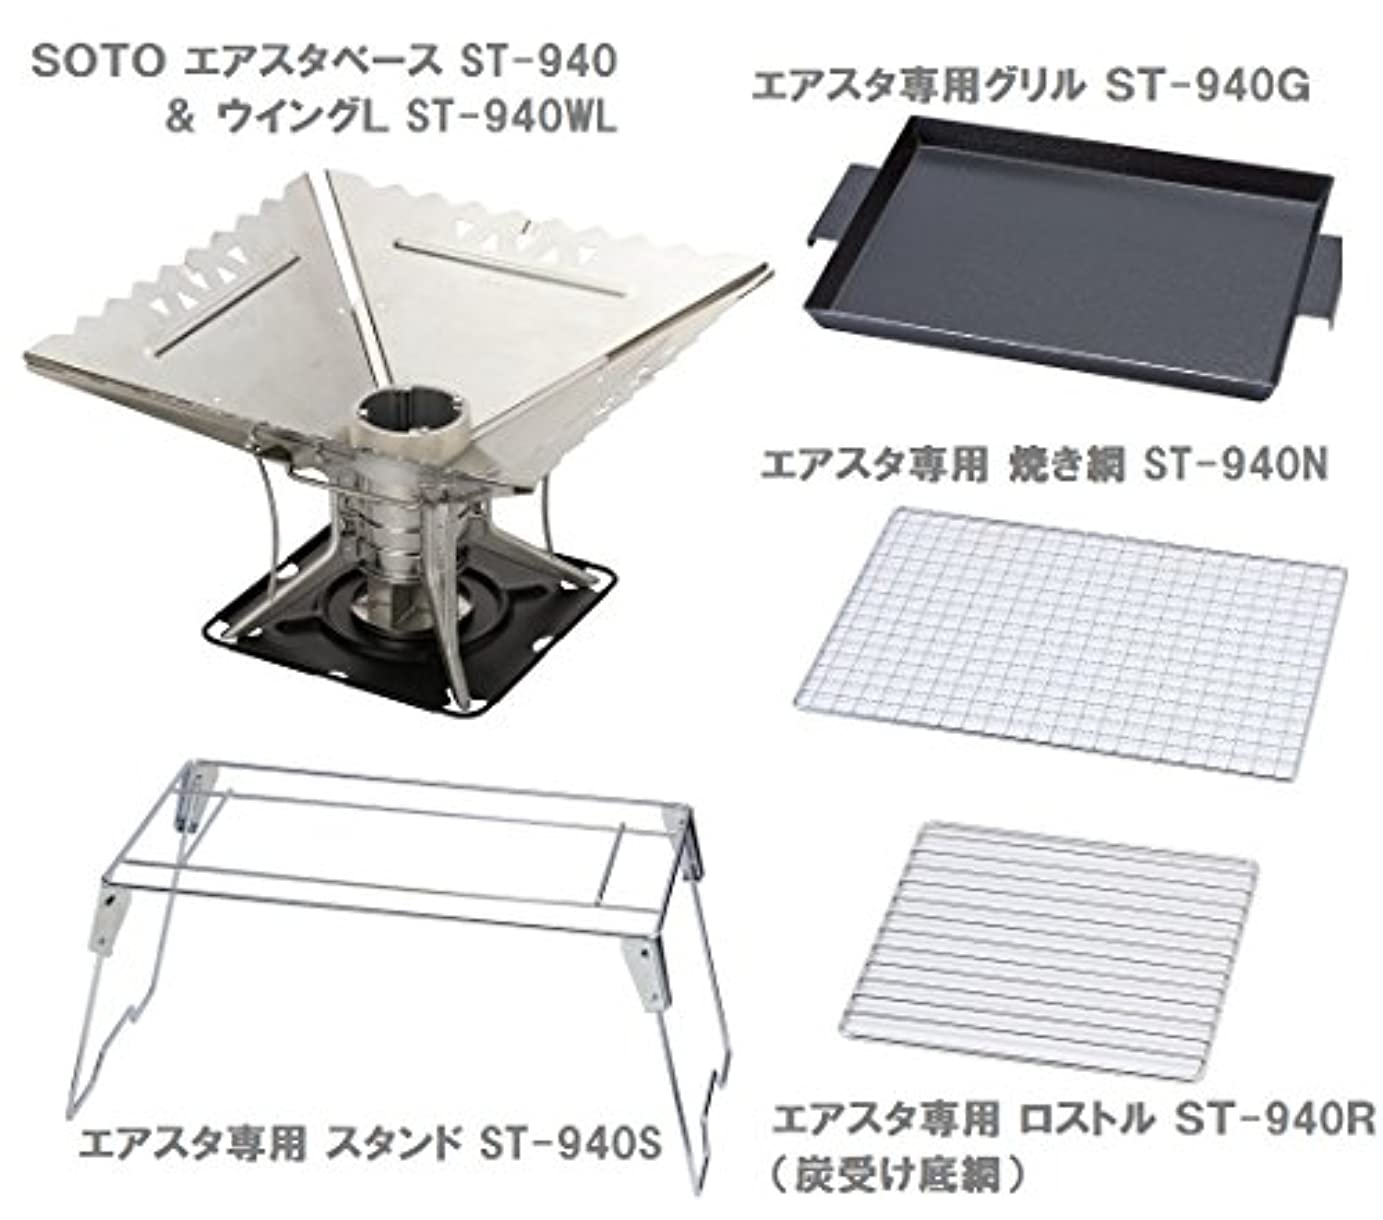 視力パイプ草SOTO エアスタベース&ウイングL+専用アイテム4点セット